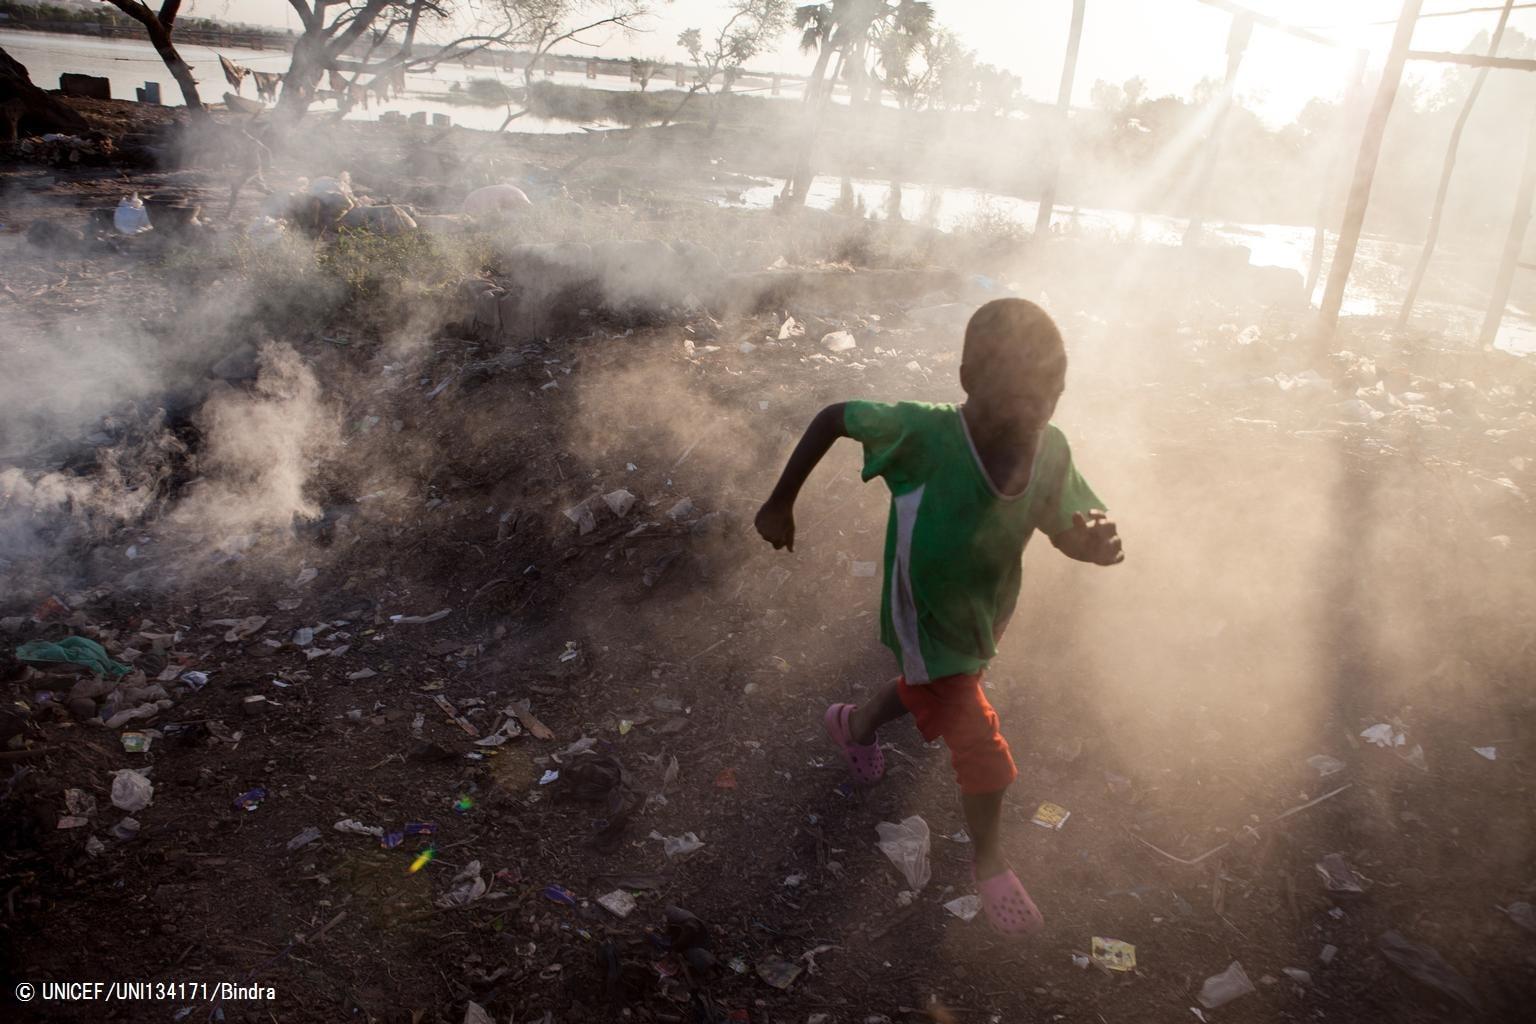 『大気汚染:子どもの脳の発達に及ぼす影響』1歳未満児1,700万人、基準値6倍の汚染地域に7割が南アジアに、脳の発達を損なう恐れユニセフ新報告書を発表